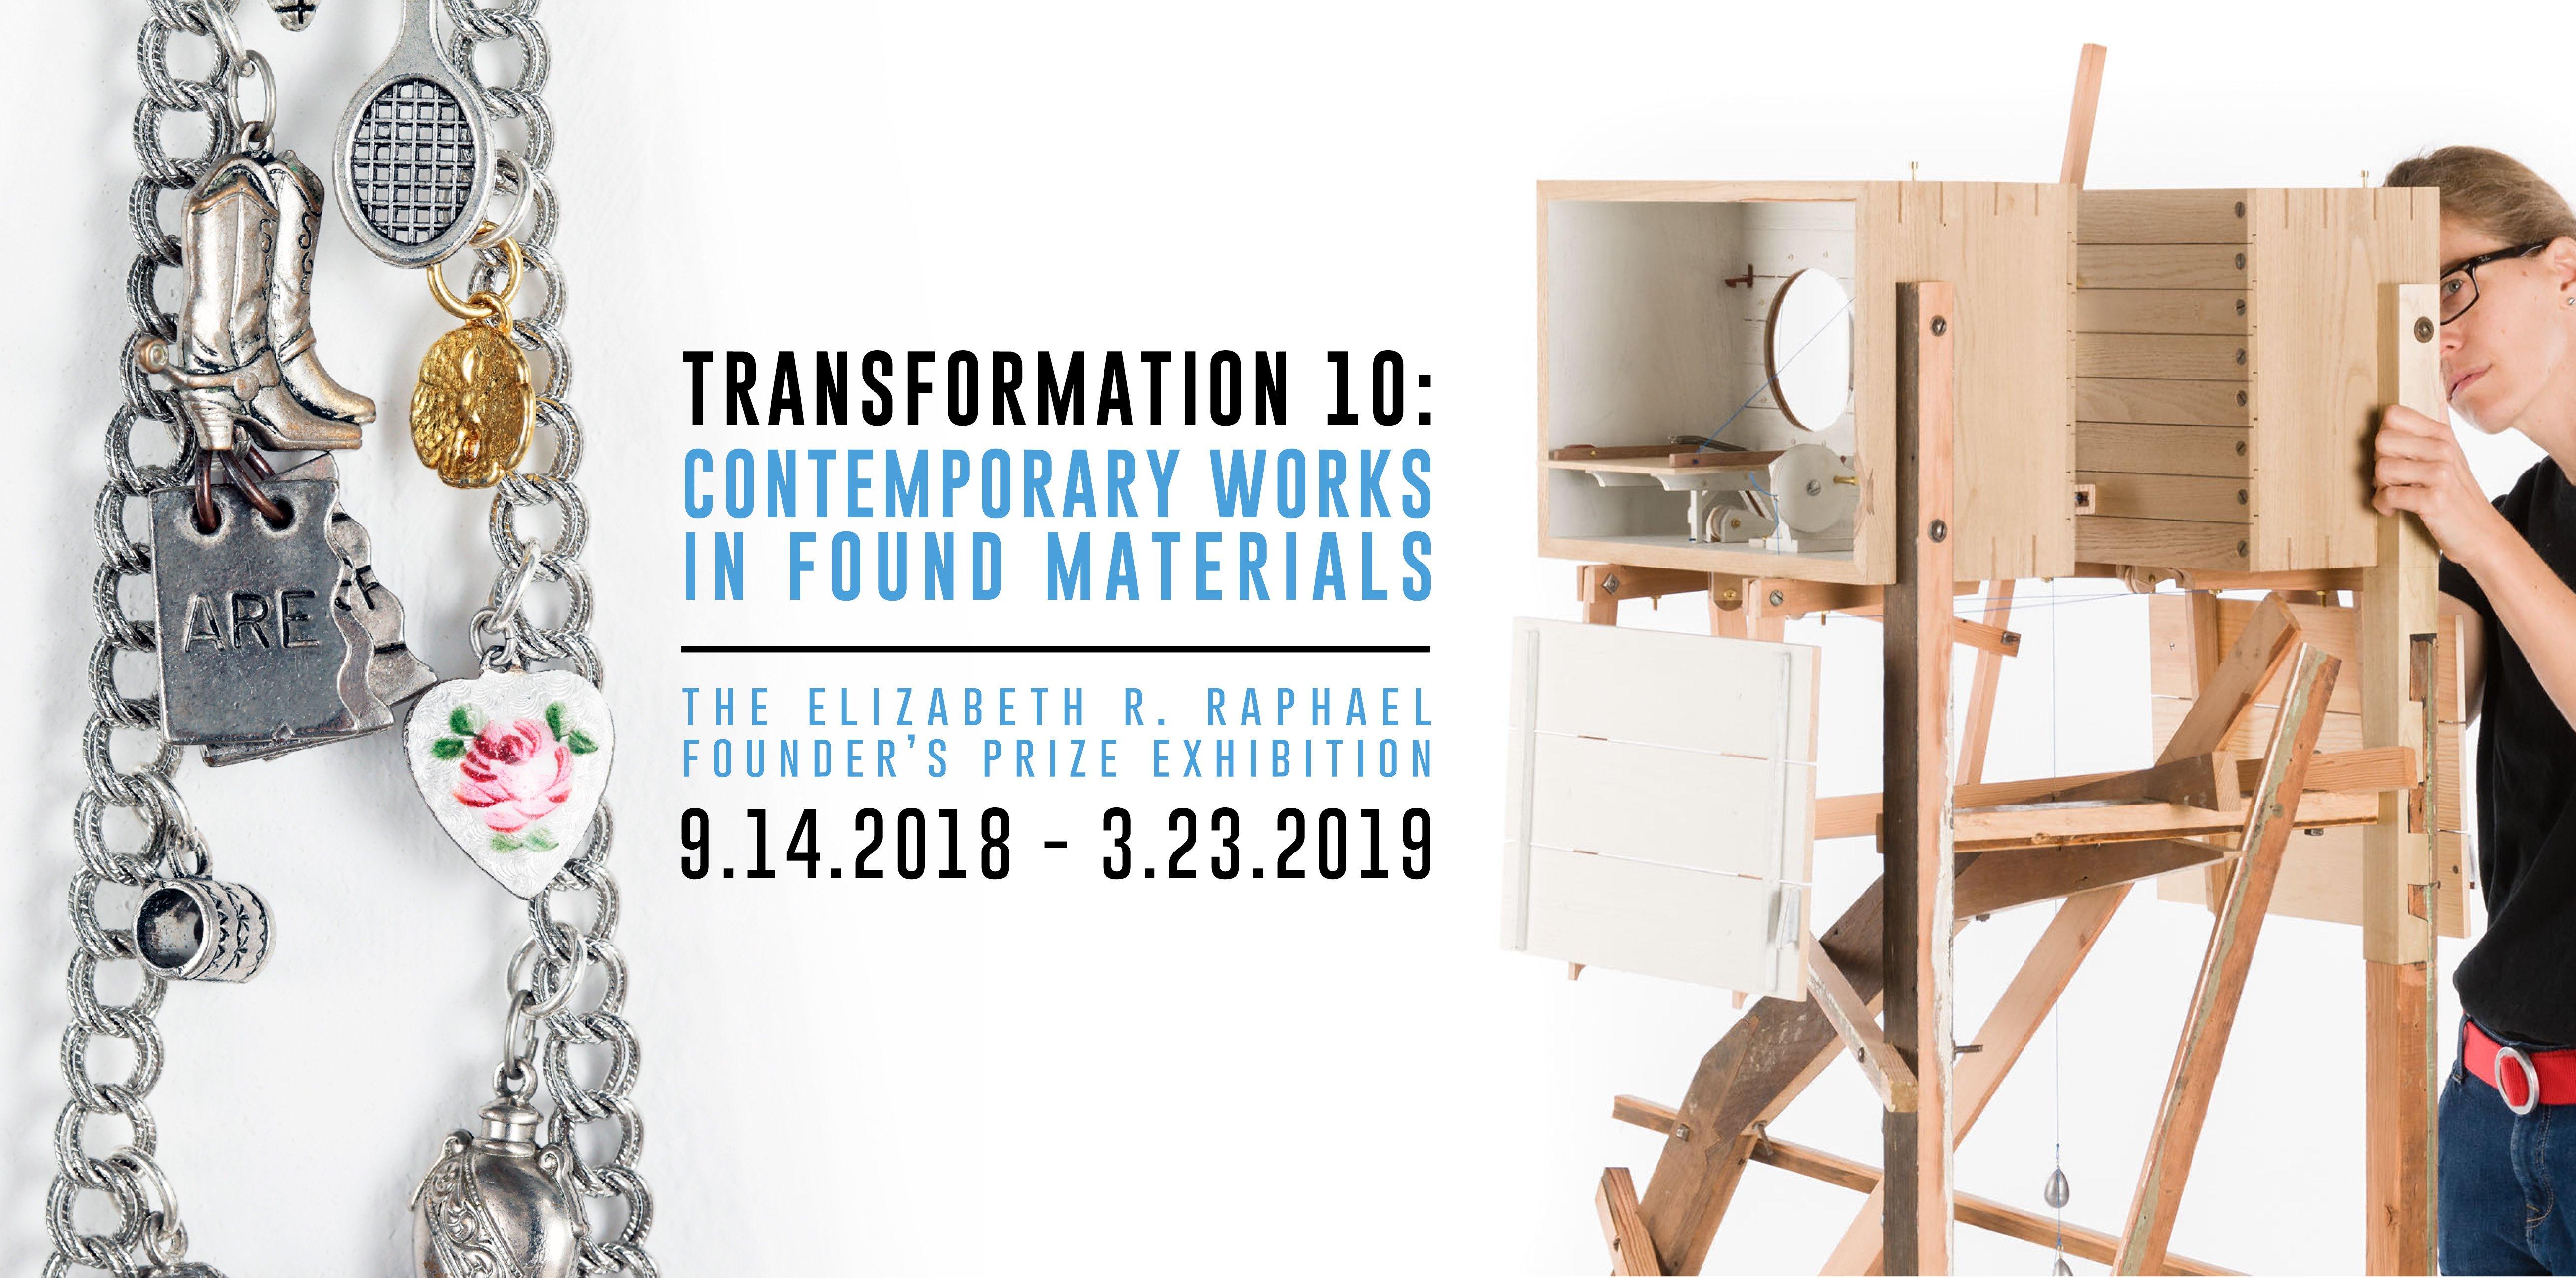 Transformation 10 Exhibition